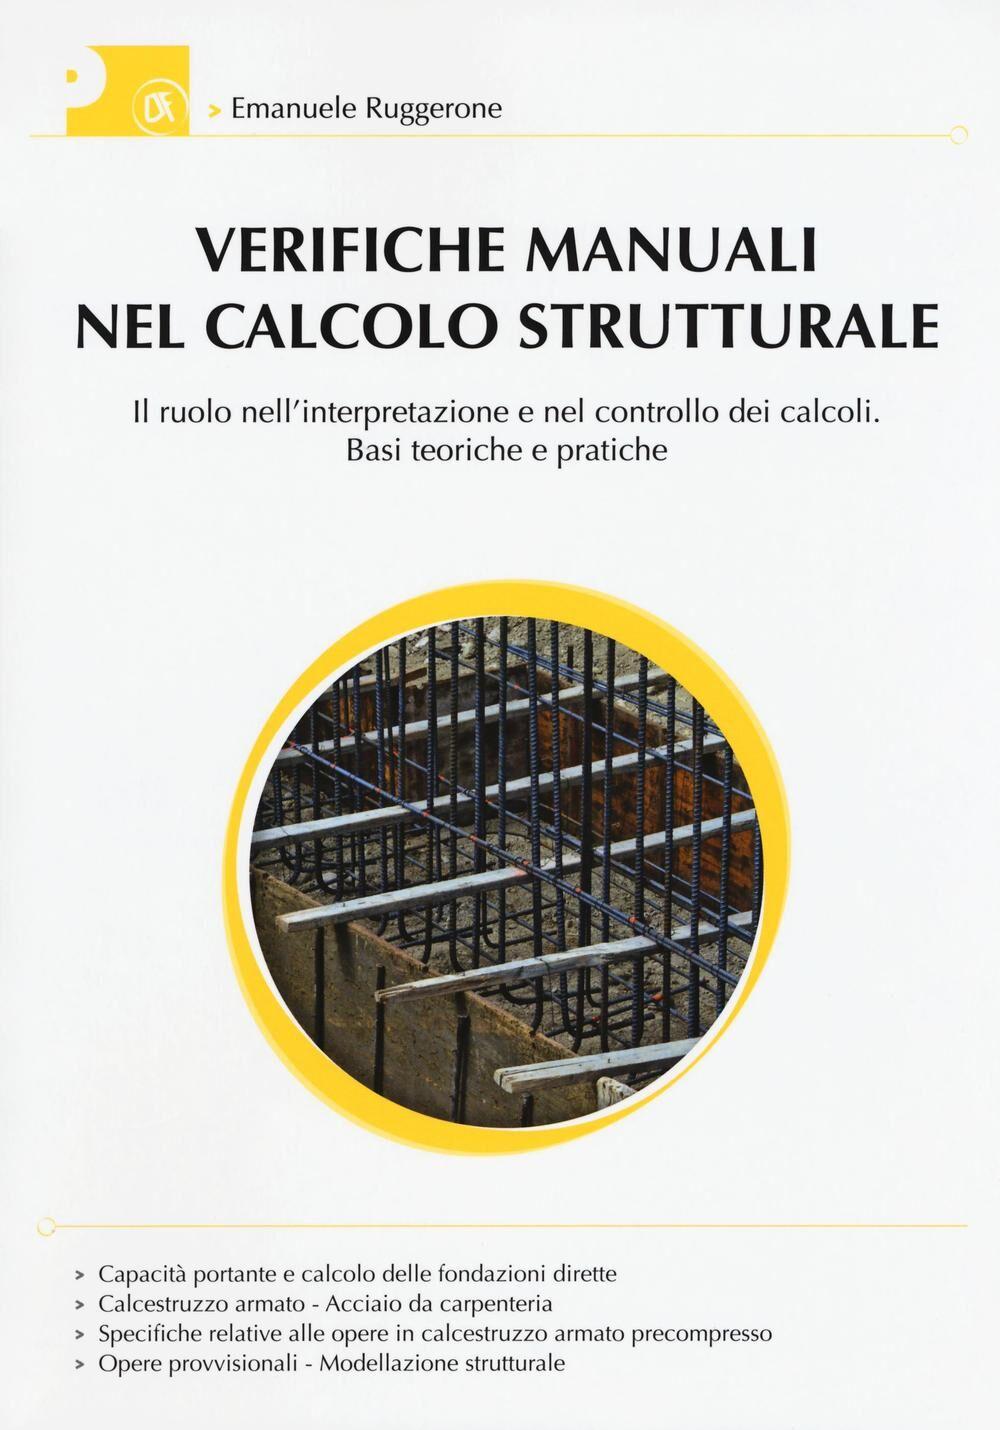 Verifiche manuali nel calcolo strutturale. Il ruolo nell'interpretazione e nel controllo dei calcoli. Basi teoriche e pratiche